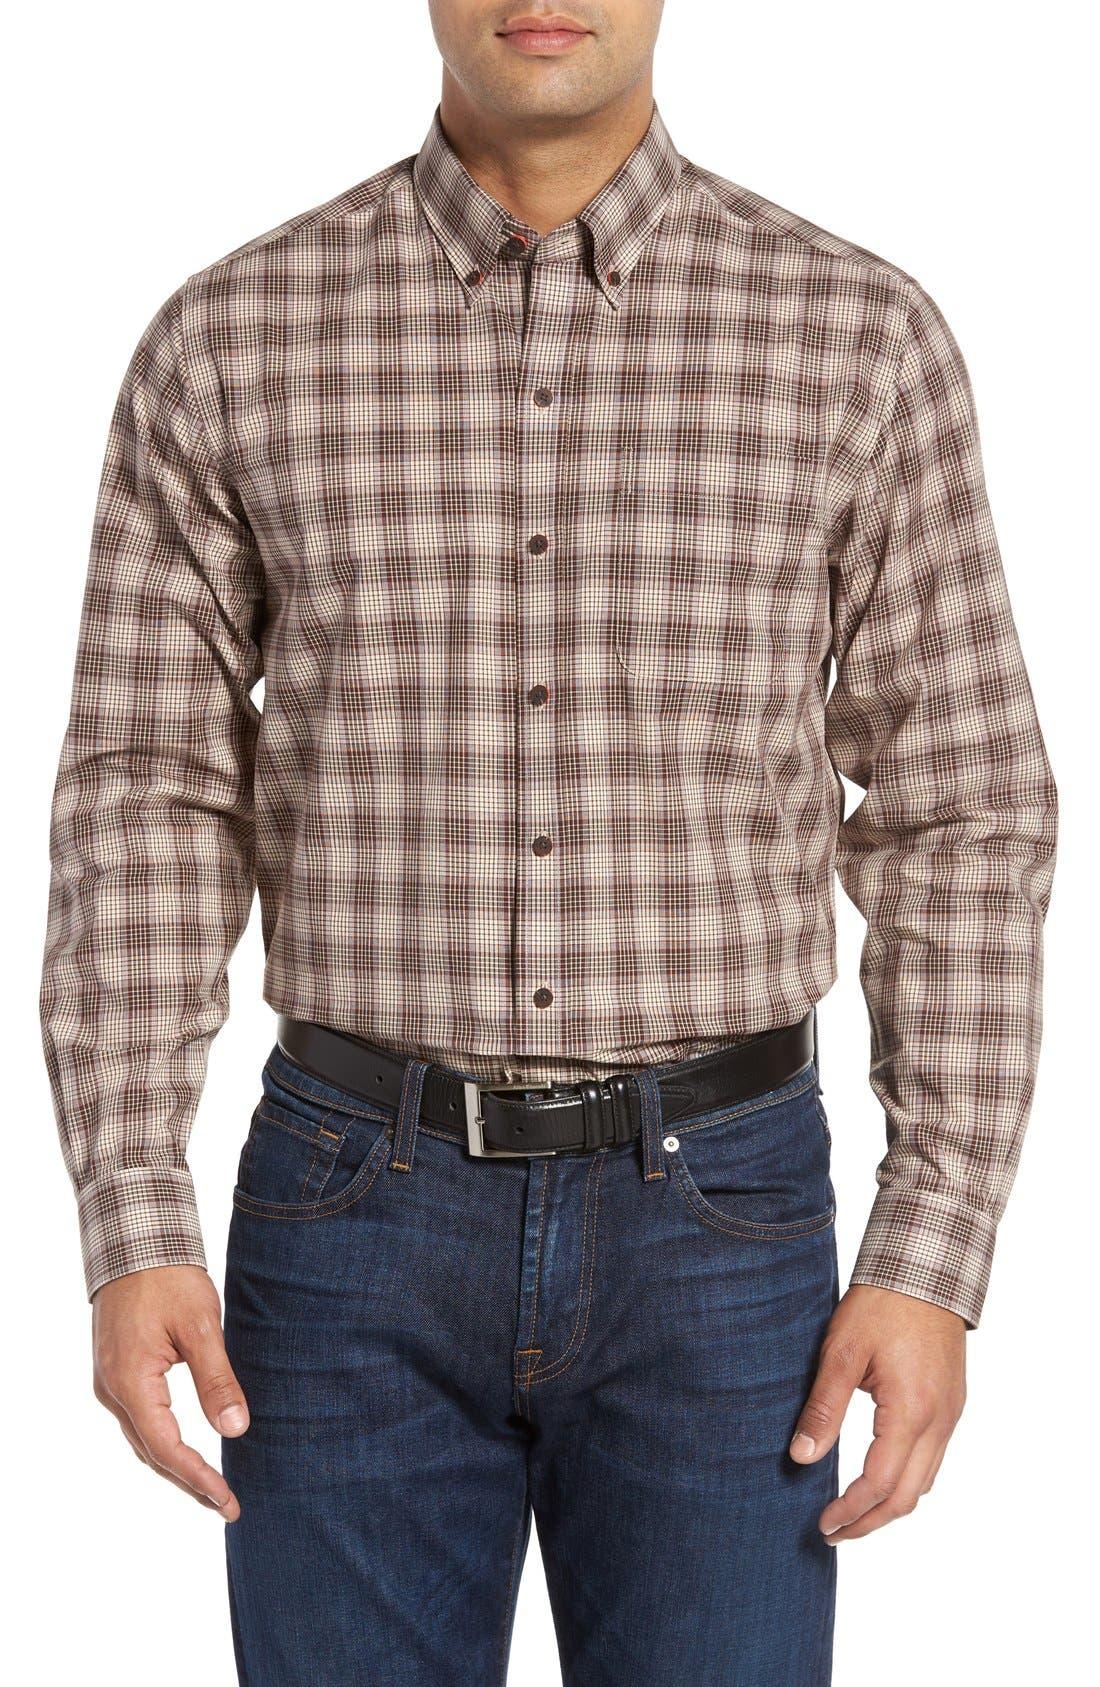 Cutter & Buck 'Ridge' Plaid Cotton Poplin Sport Shirt (Big & Tall)